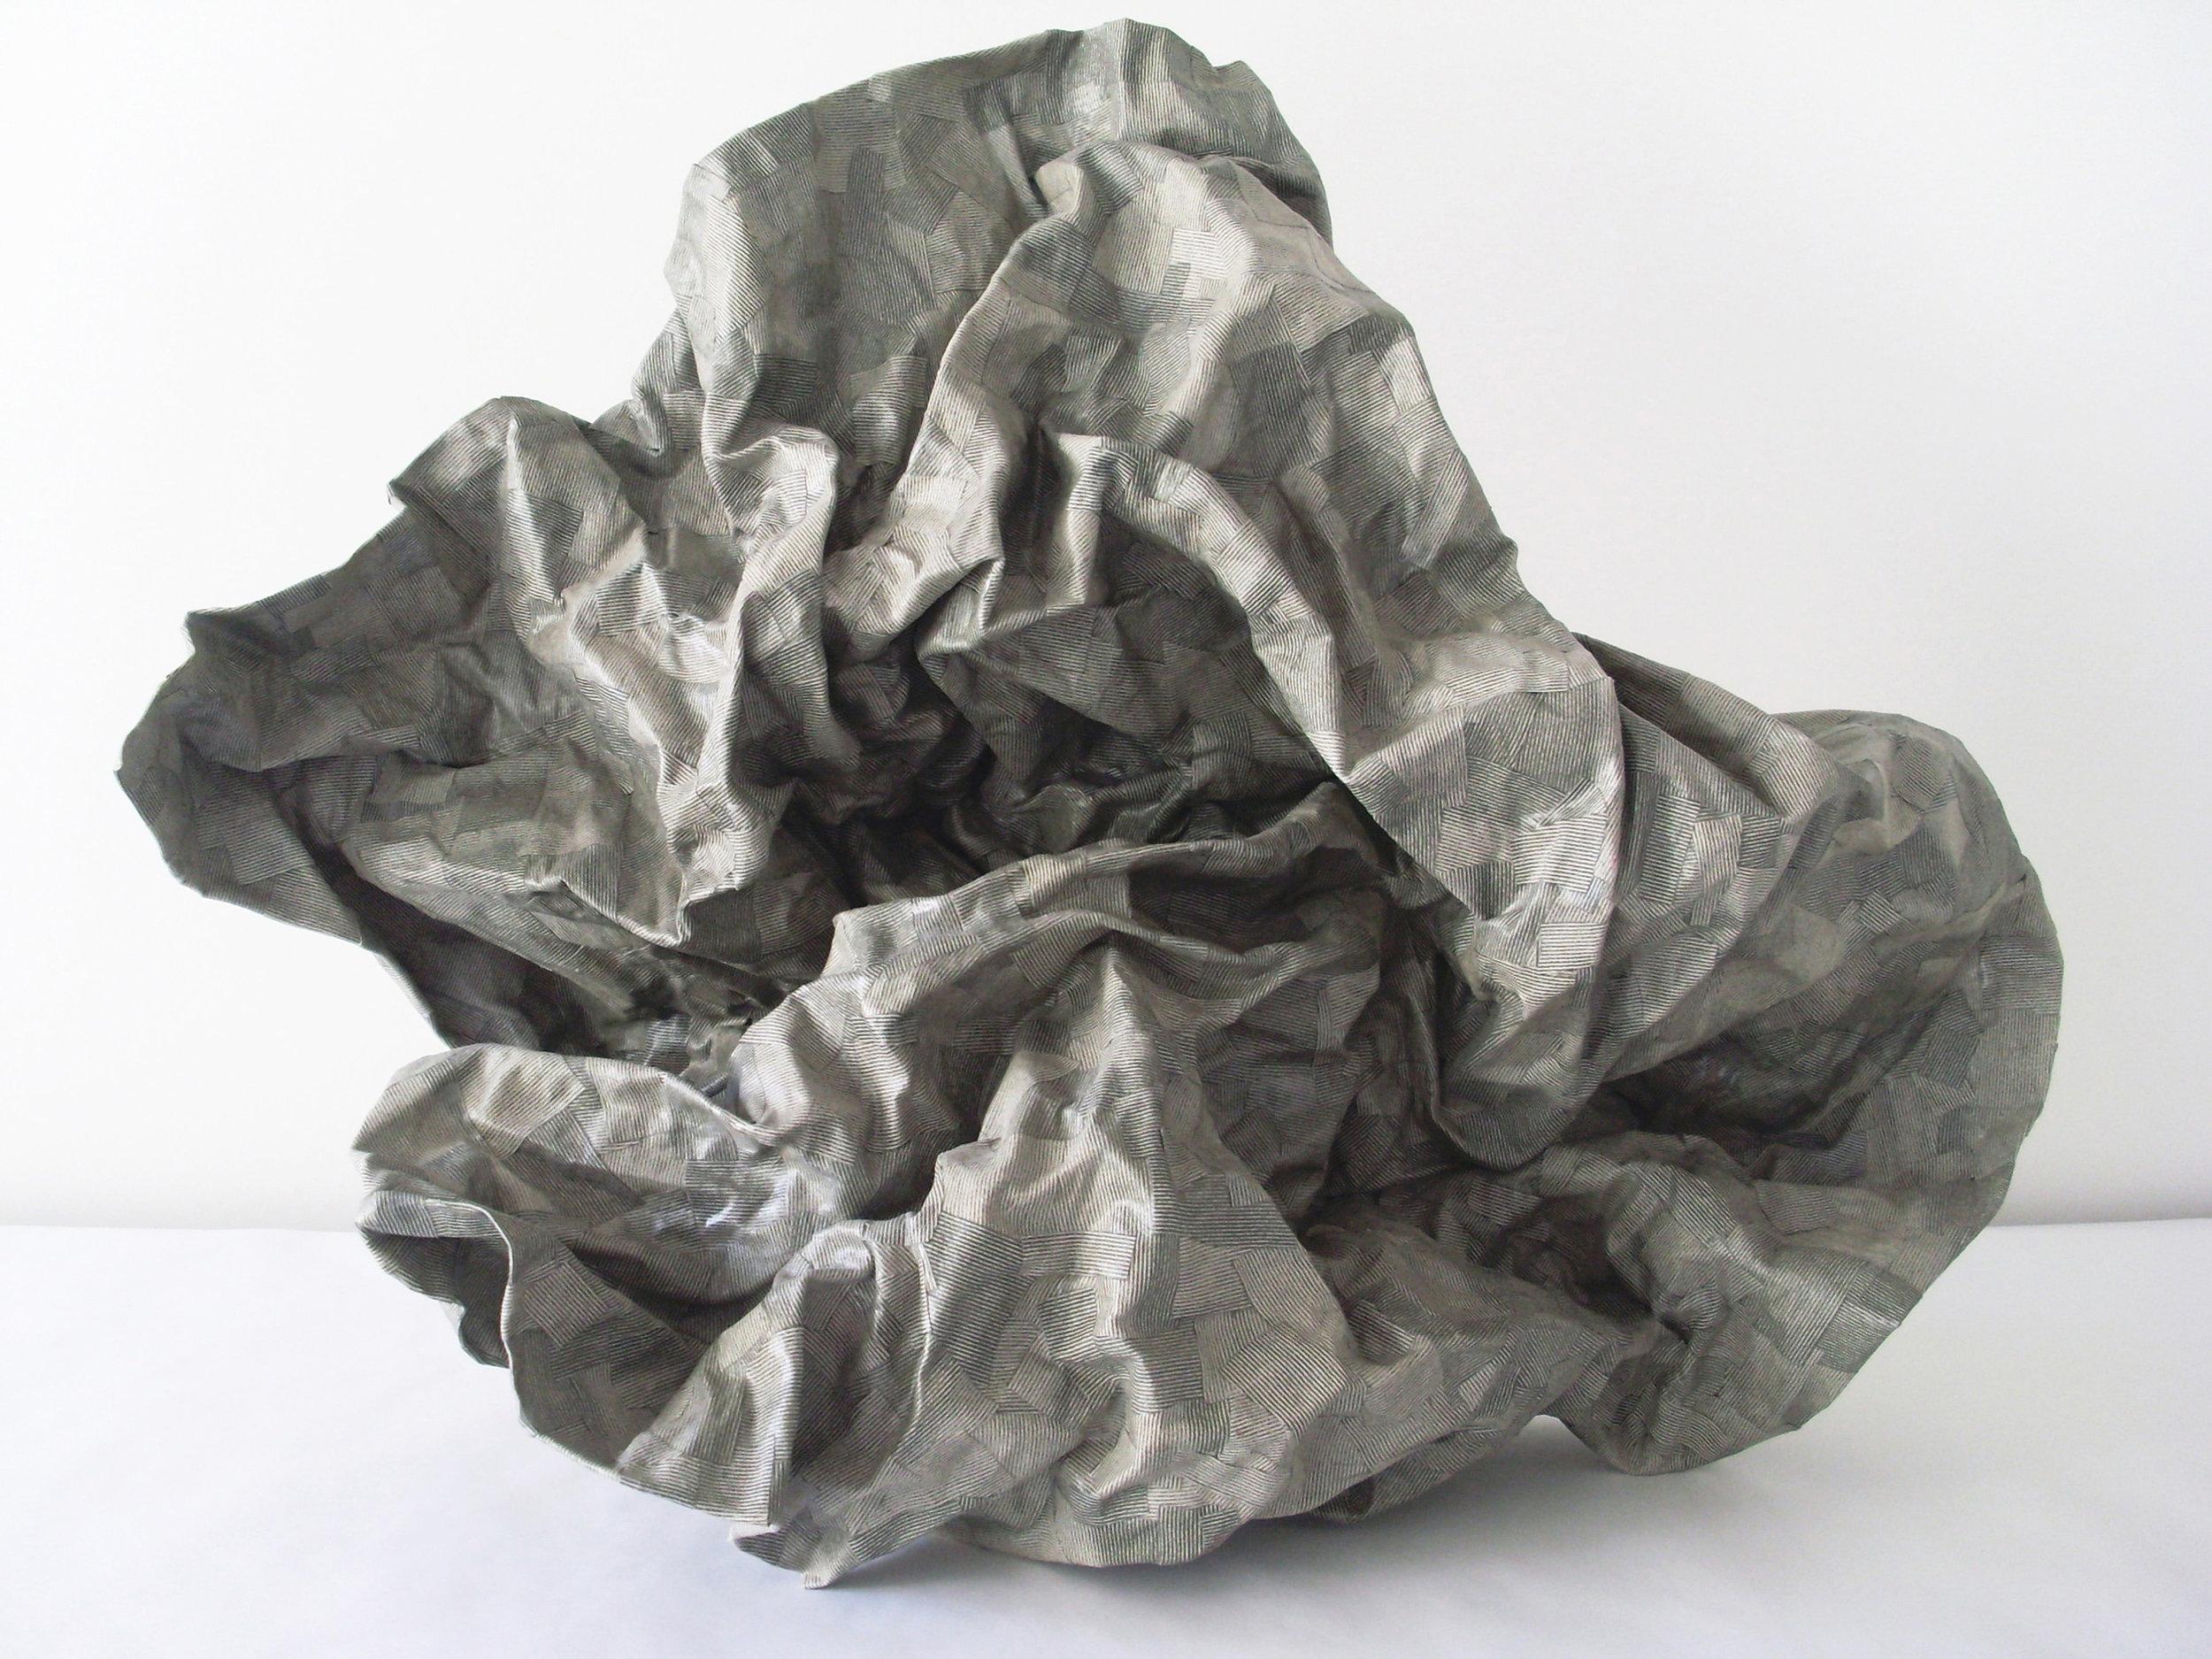 Emma Nony     Etude pour une figure ailée  , 2015  Collage sur papier de morceaux de tissu récupéré  56 cm x 26 cm x 47 cm